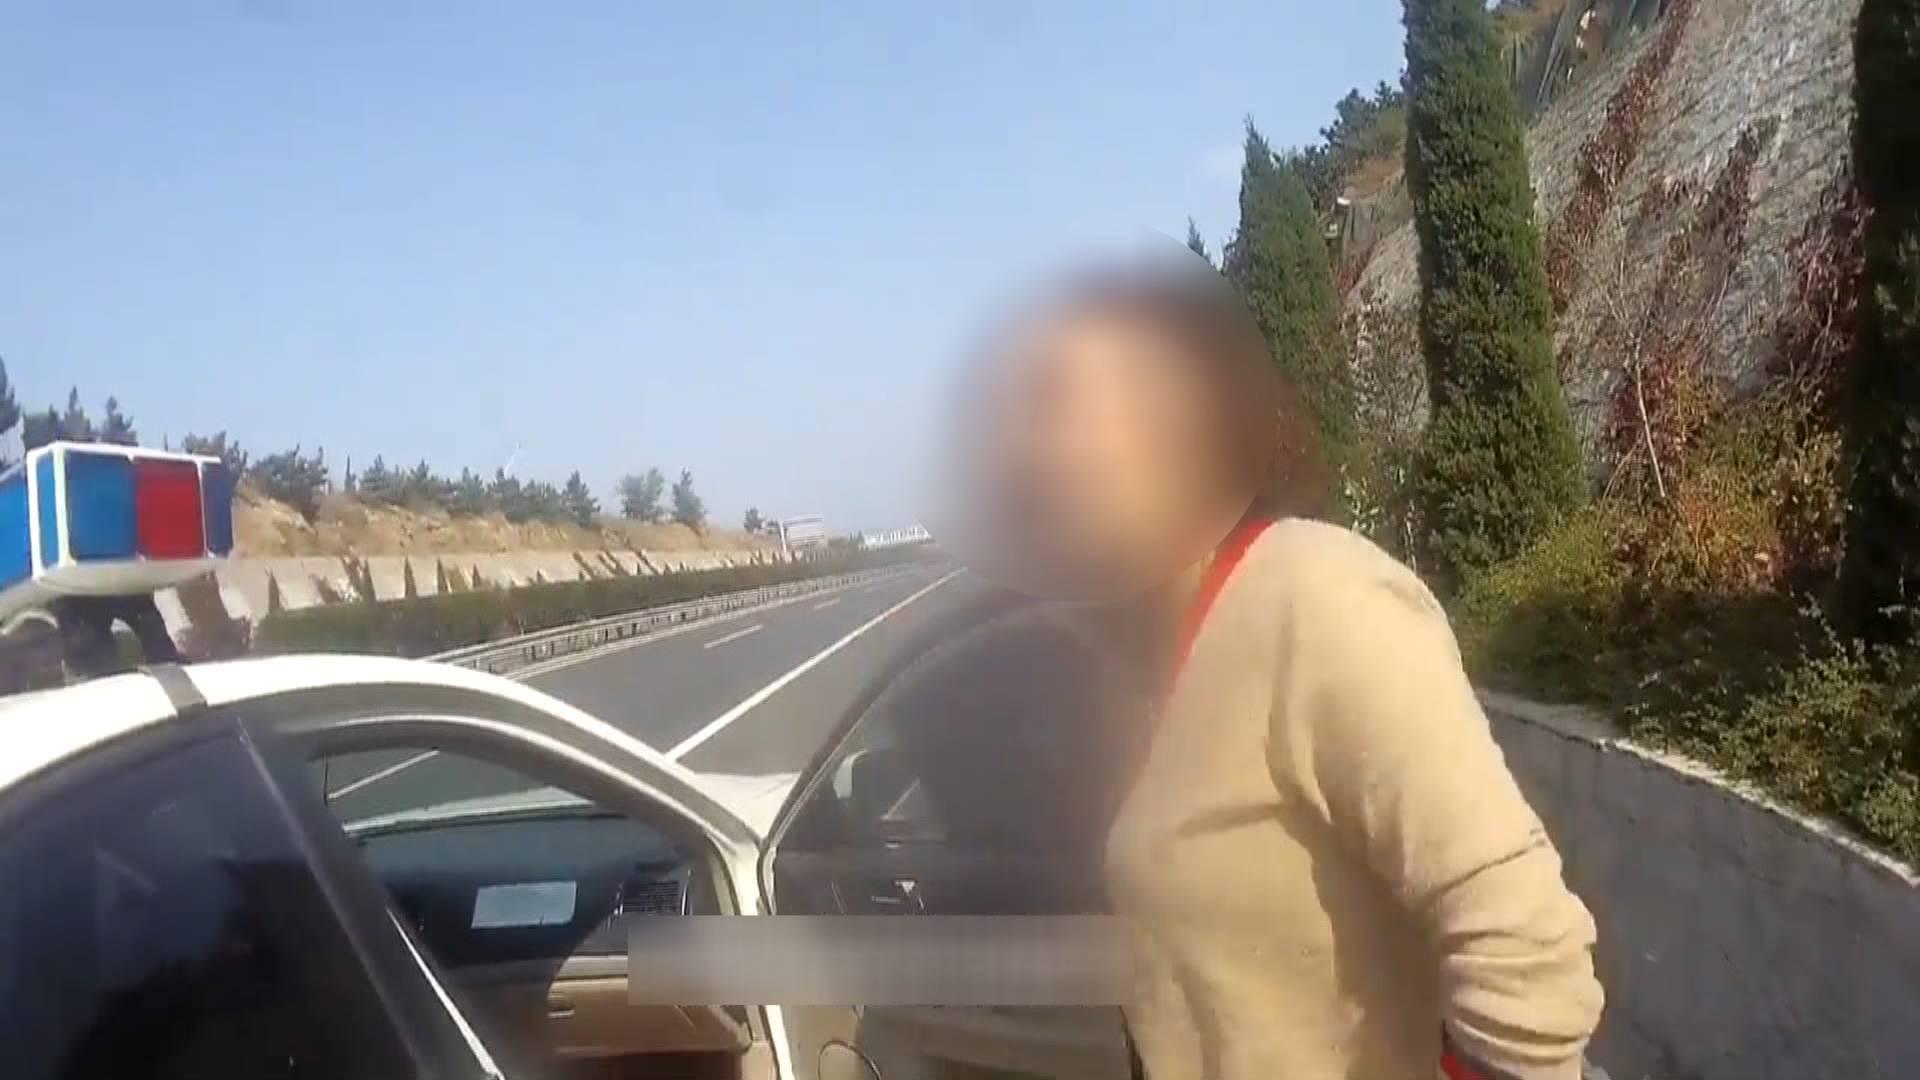 56秒 | 导航默认驾车模式,烟台一女子骑电动车上了高速路